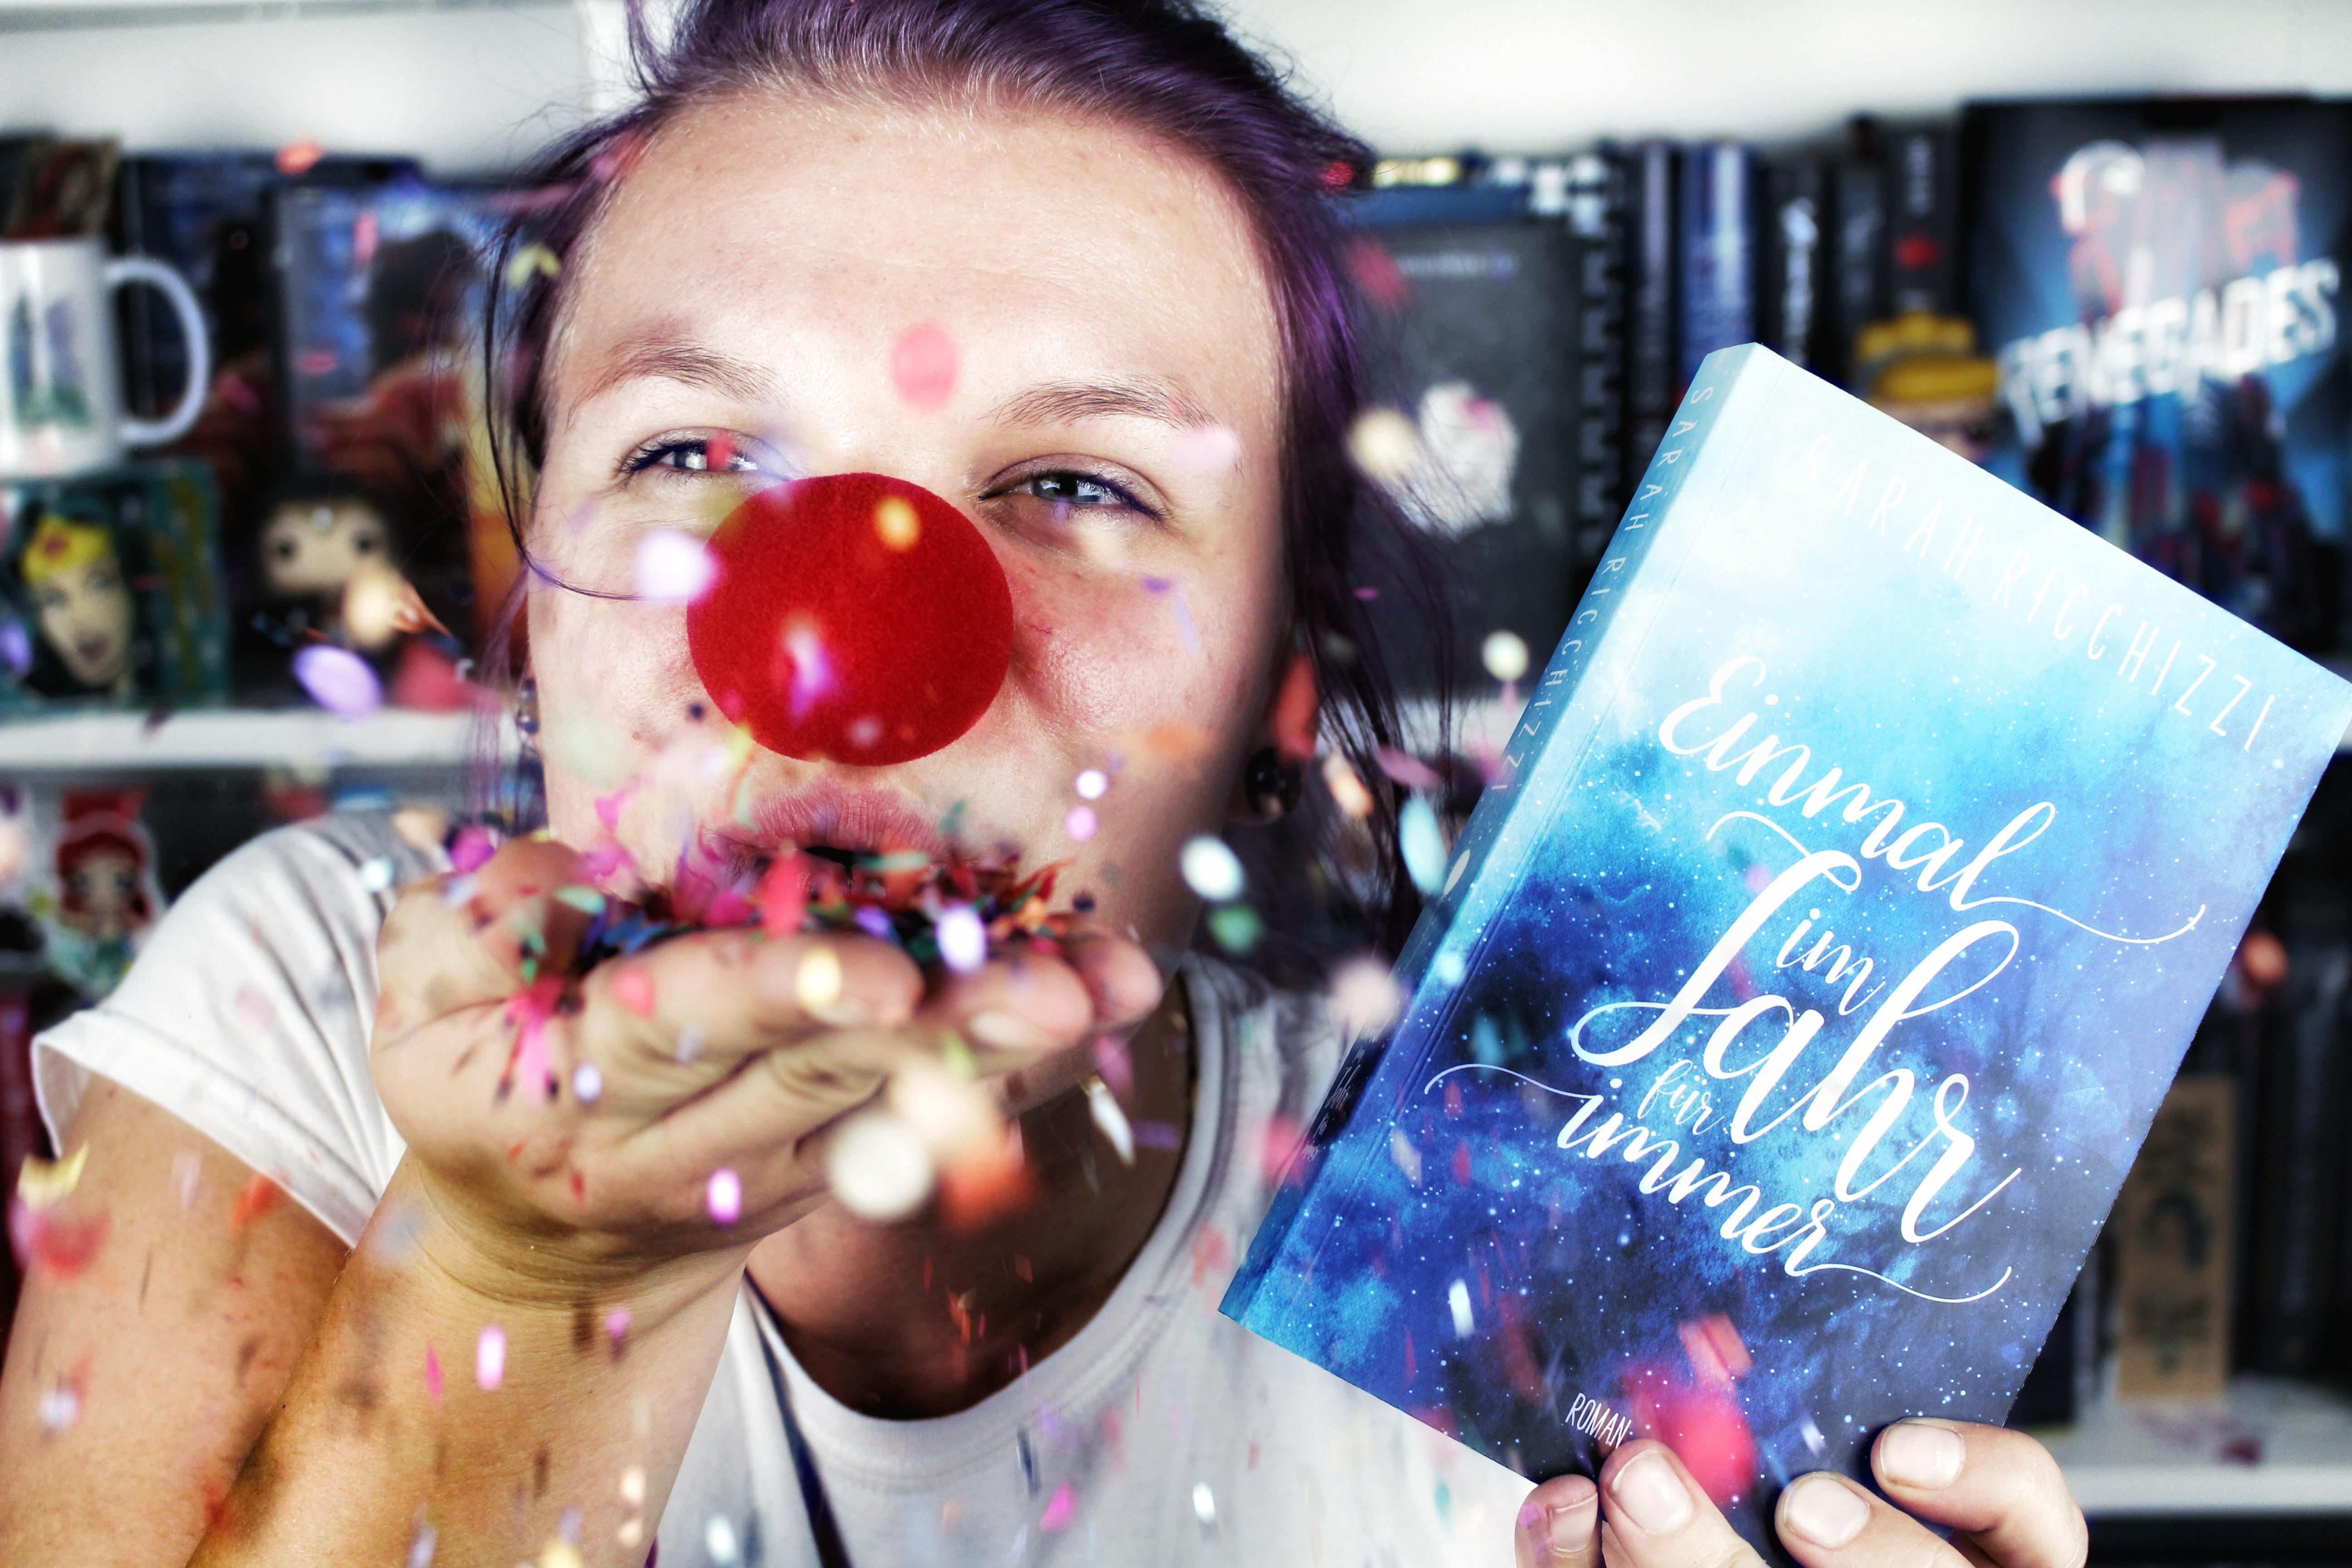 Buchtipp zum Book Birthday! Einmal im Jahr für immer